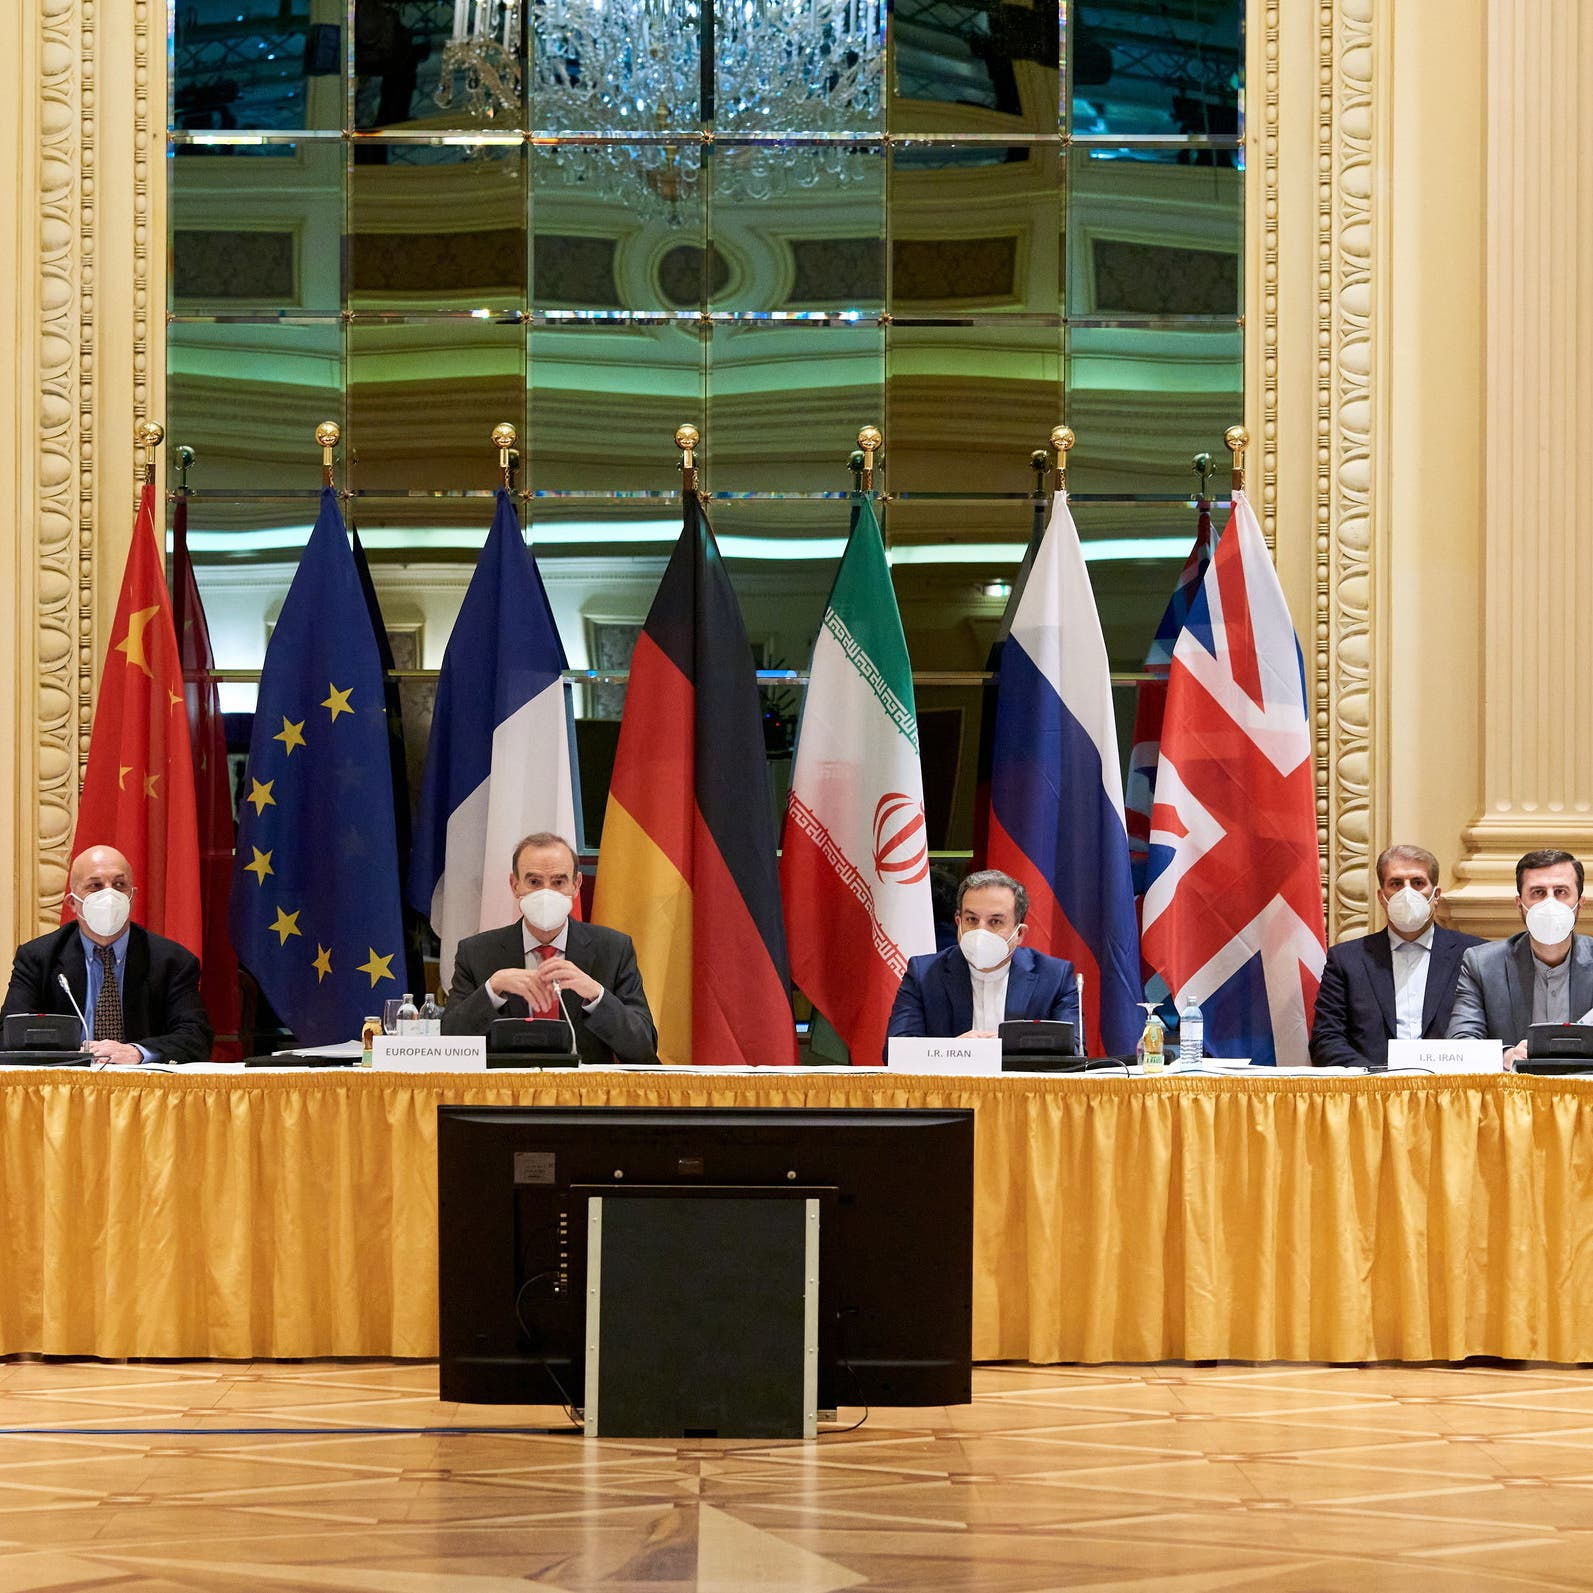 واشنطن: هناك علامات استفهام بشأن جدية إيران للعودة للاتفاق النووي